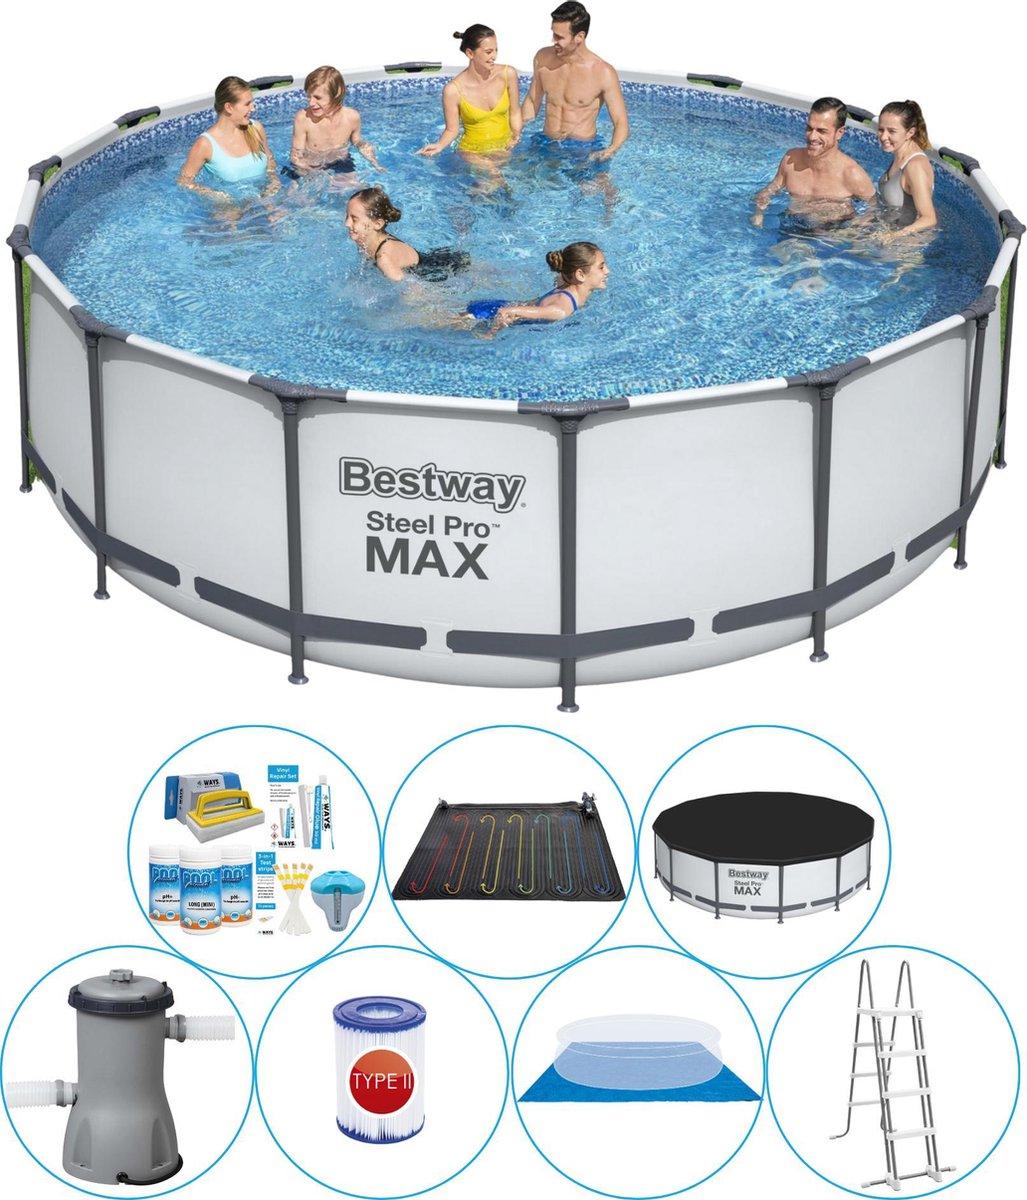 Bestway Steel Pro MAX Rond 457x122 cm - Zwembad Combi Deal